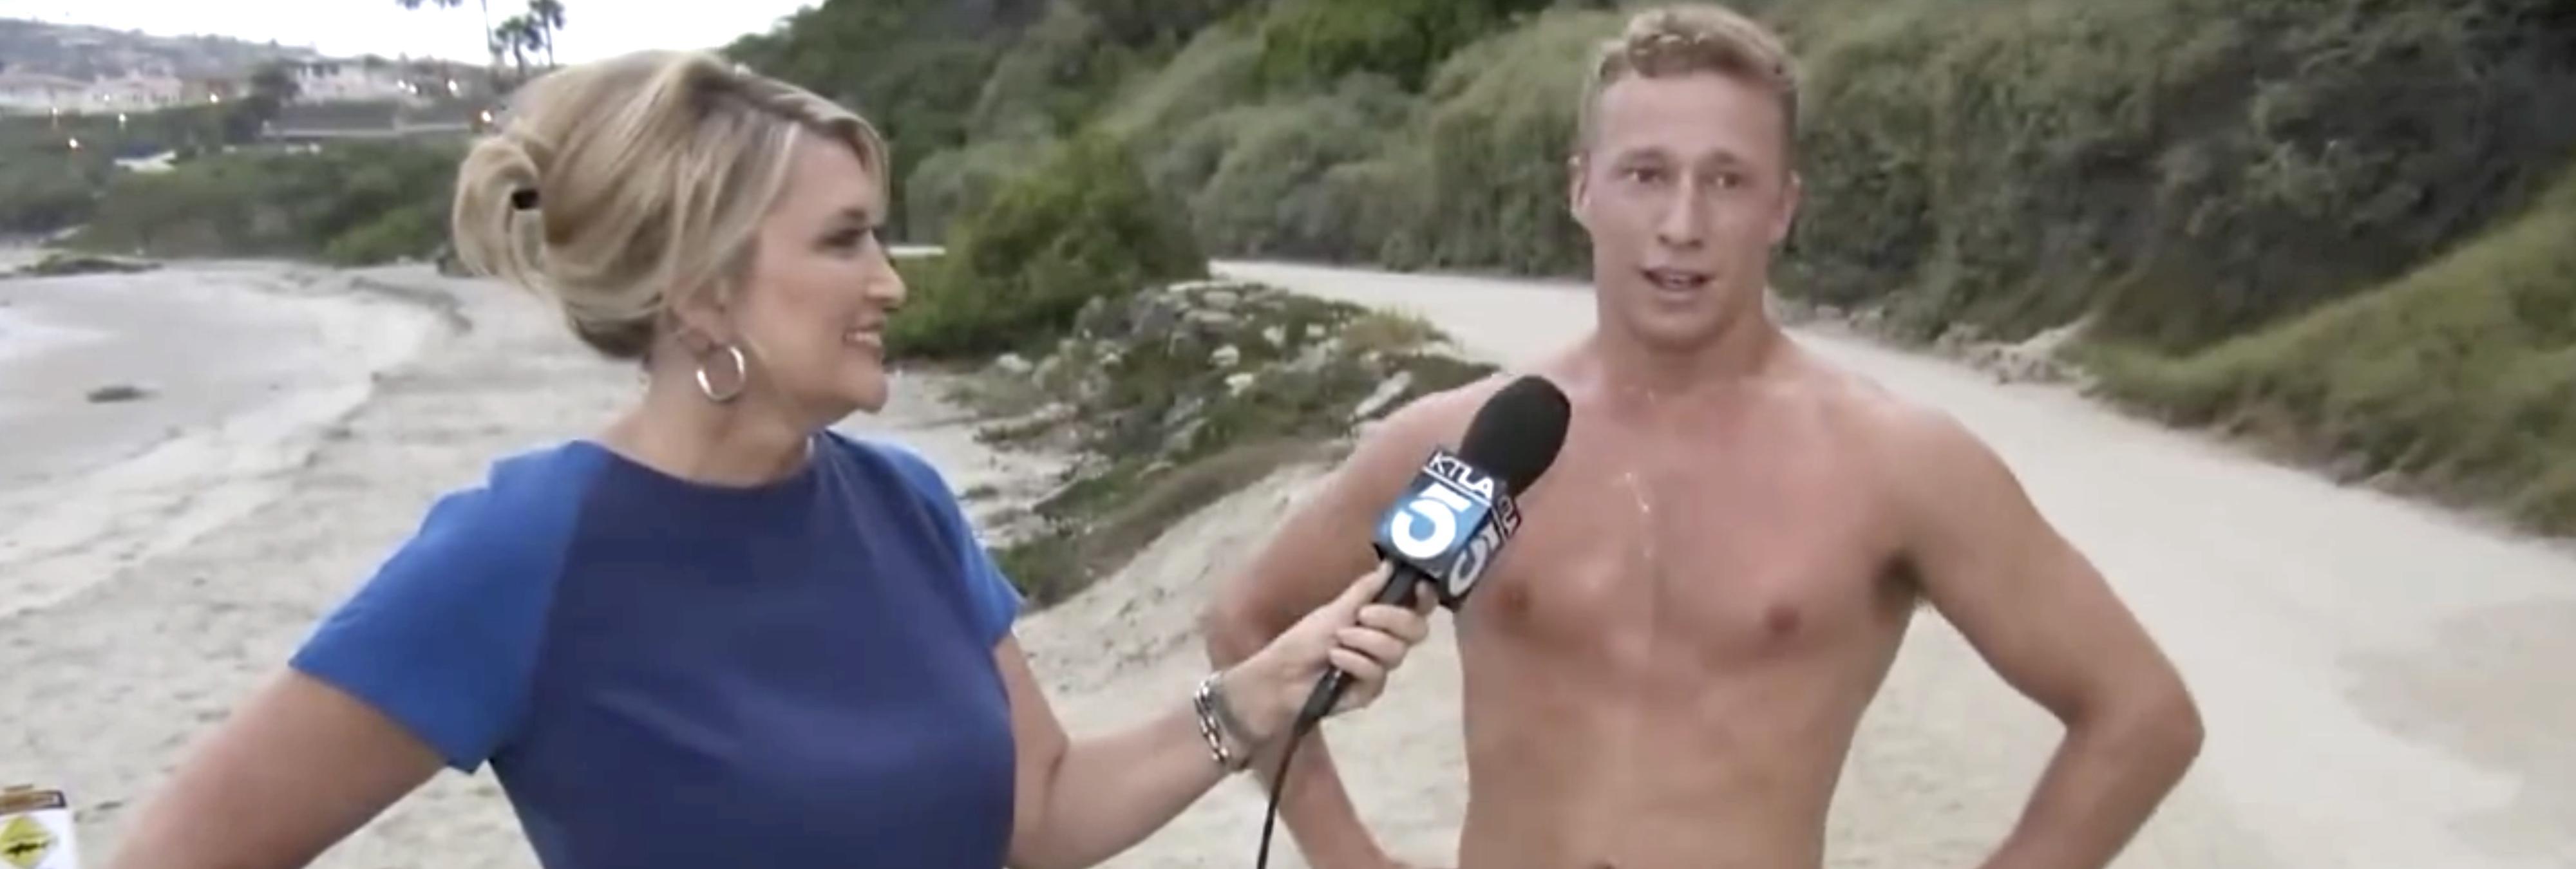 Todos somos Wendy, la reportera que corrió detrás de un buenorro en directo